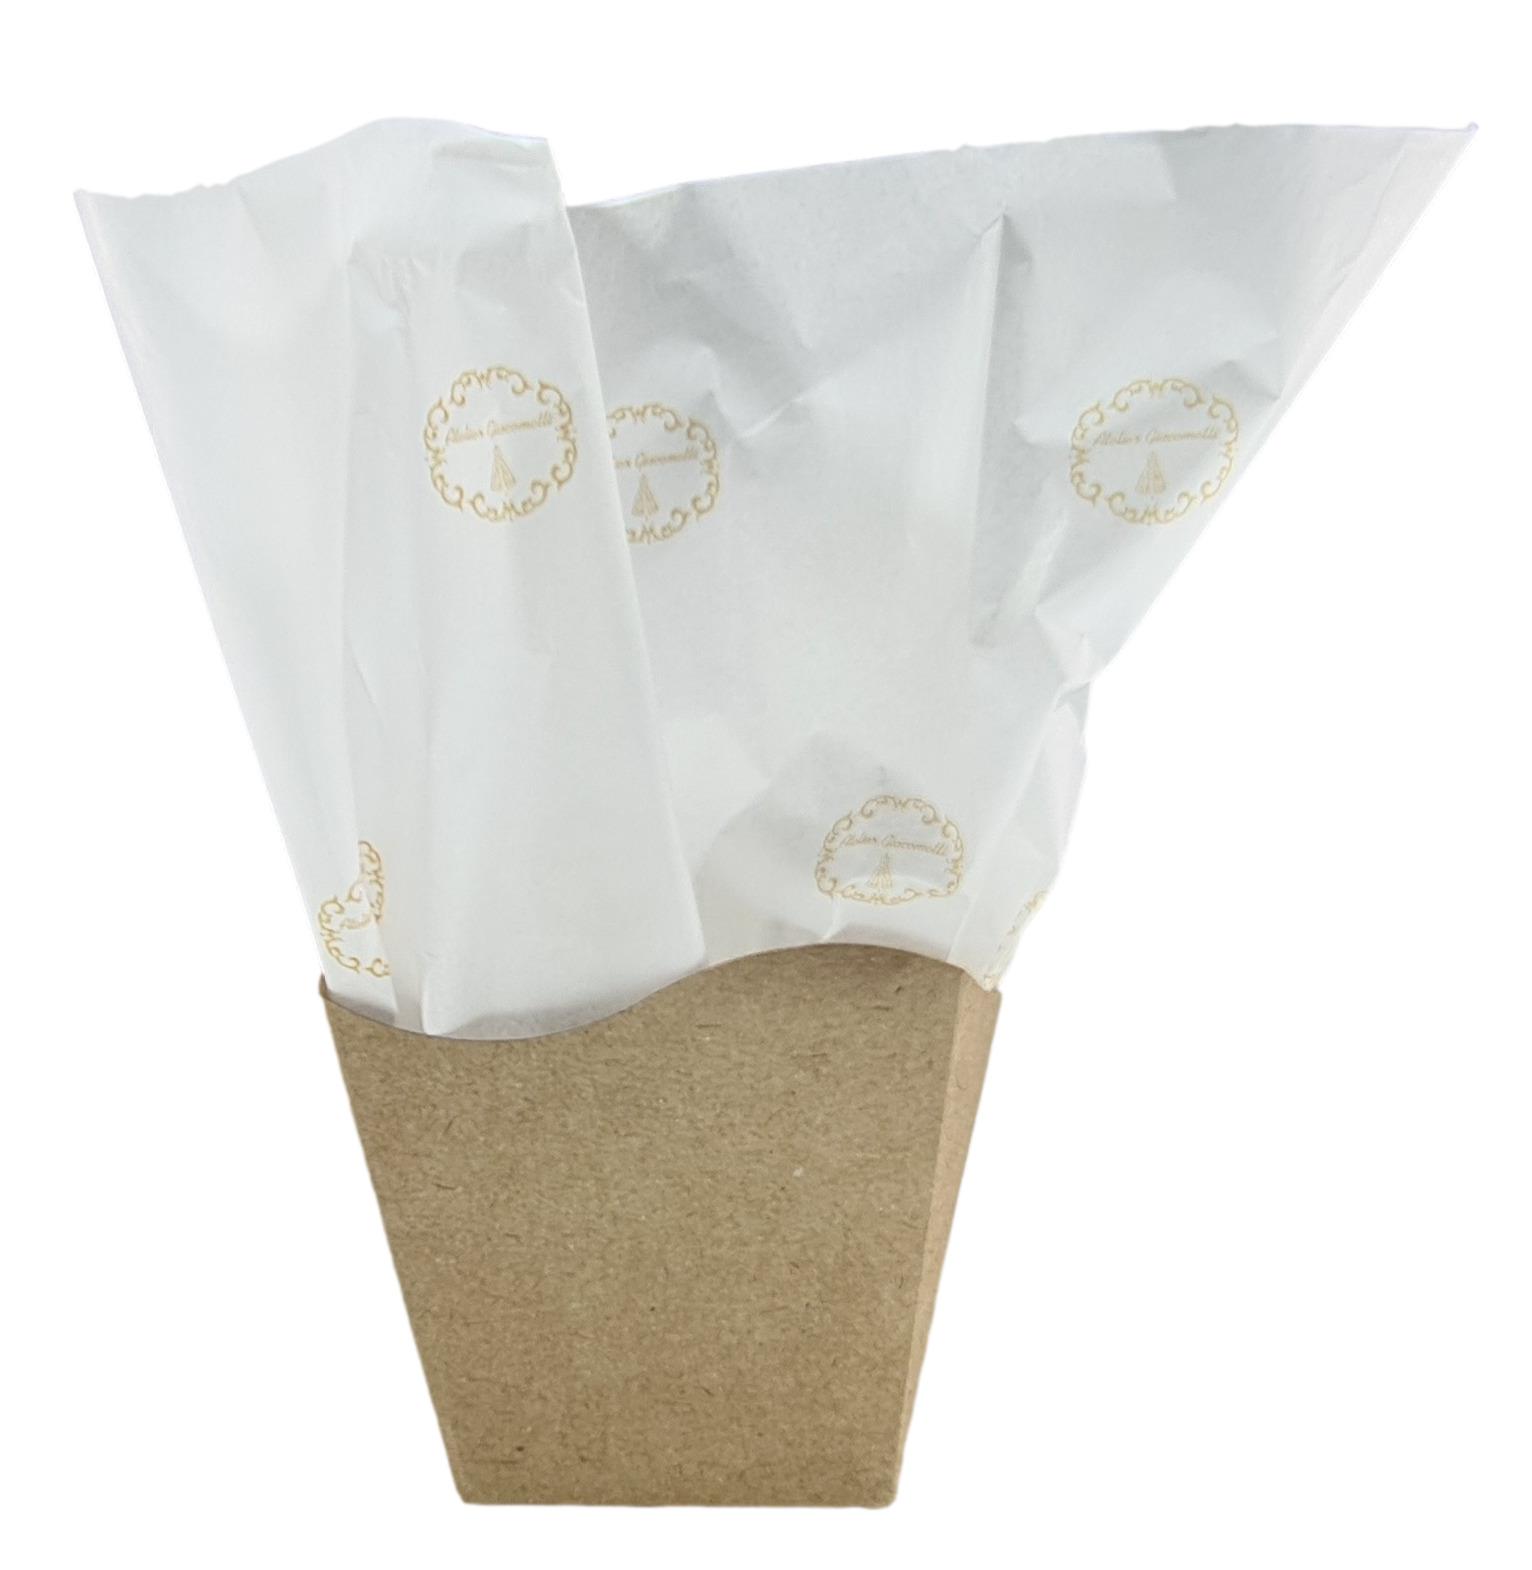 Papel de Seda Personalizado 20g/m - Tamanho 50 x 70 - Linha paper  1204  - Litex Embalagens